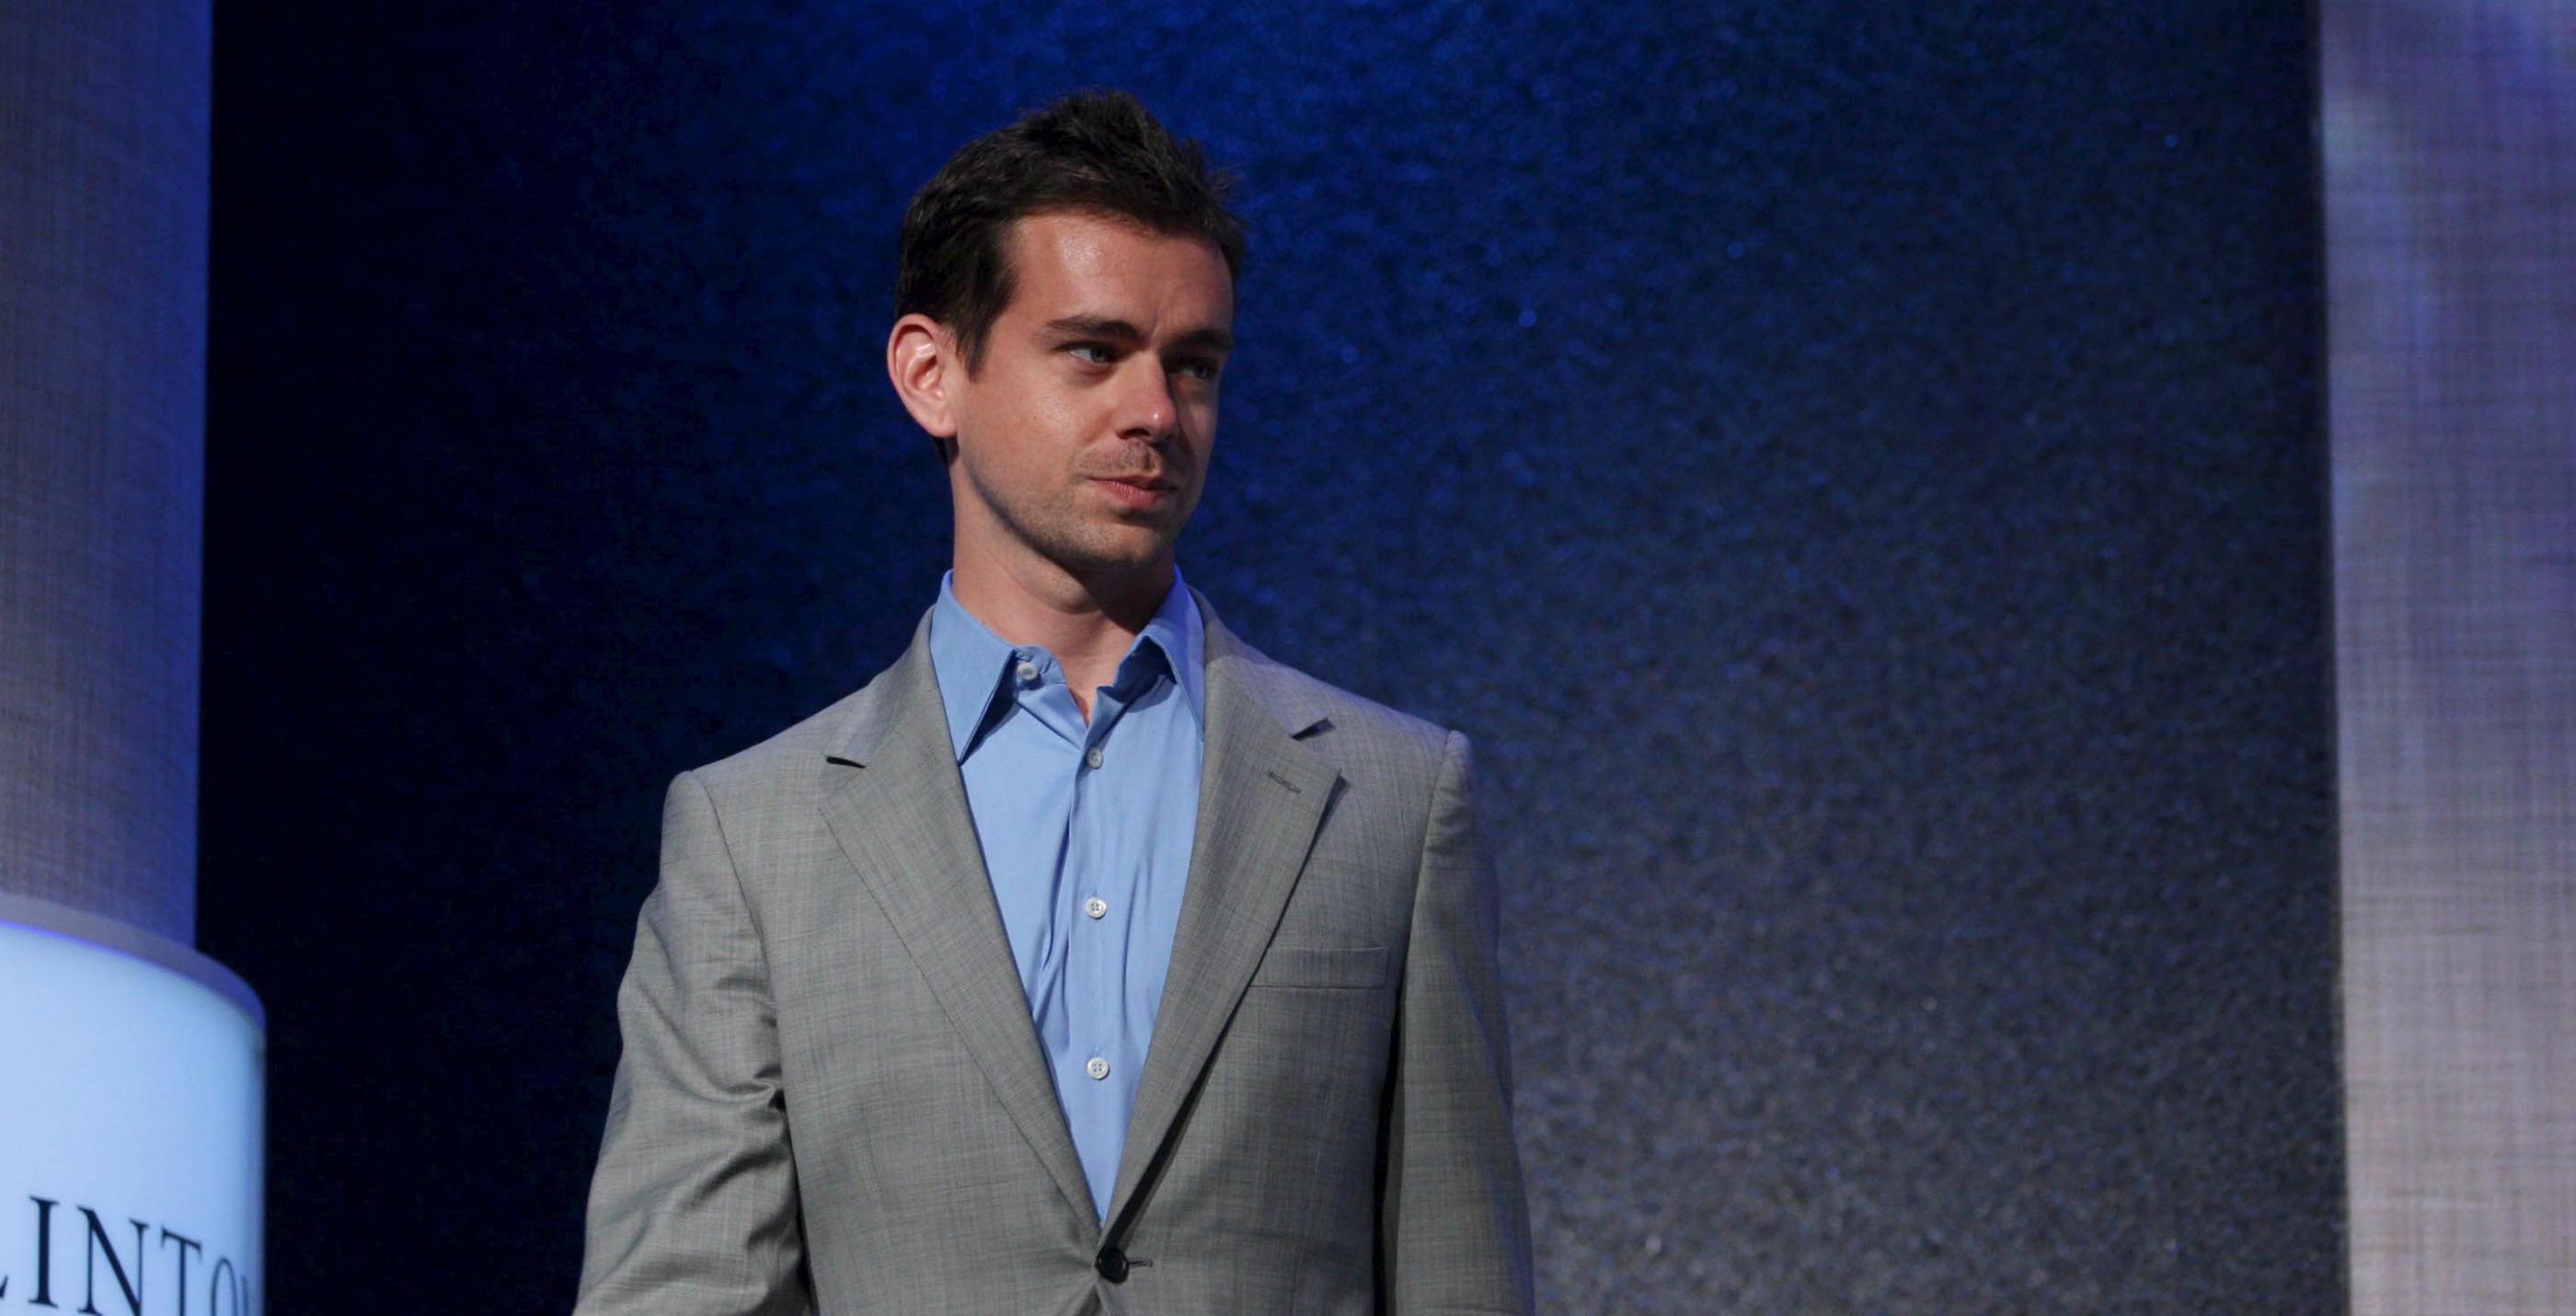 6.- El creador de Twitter, Jack Dorsey, trota 10 kilómetros todos los días. EFE/DANIEL BARRY